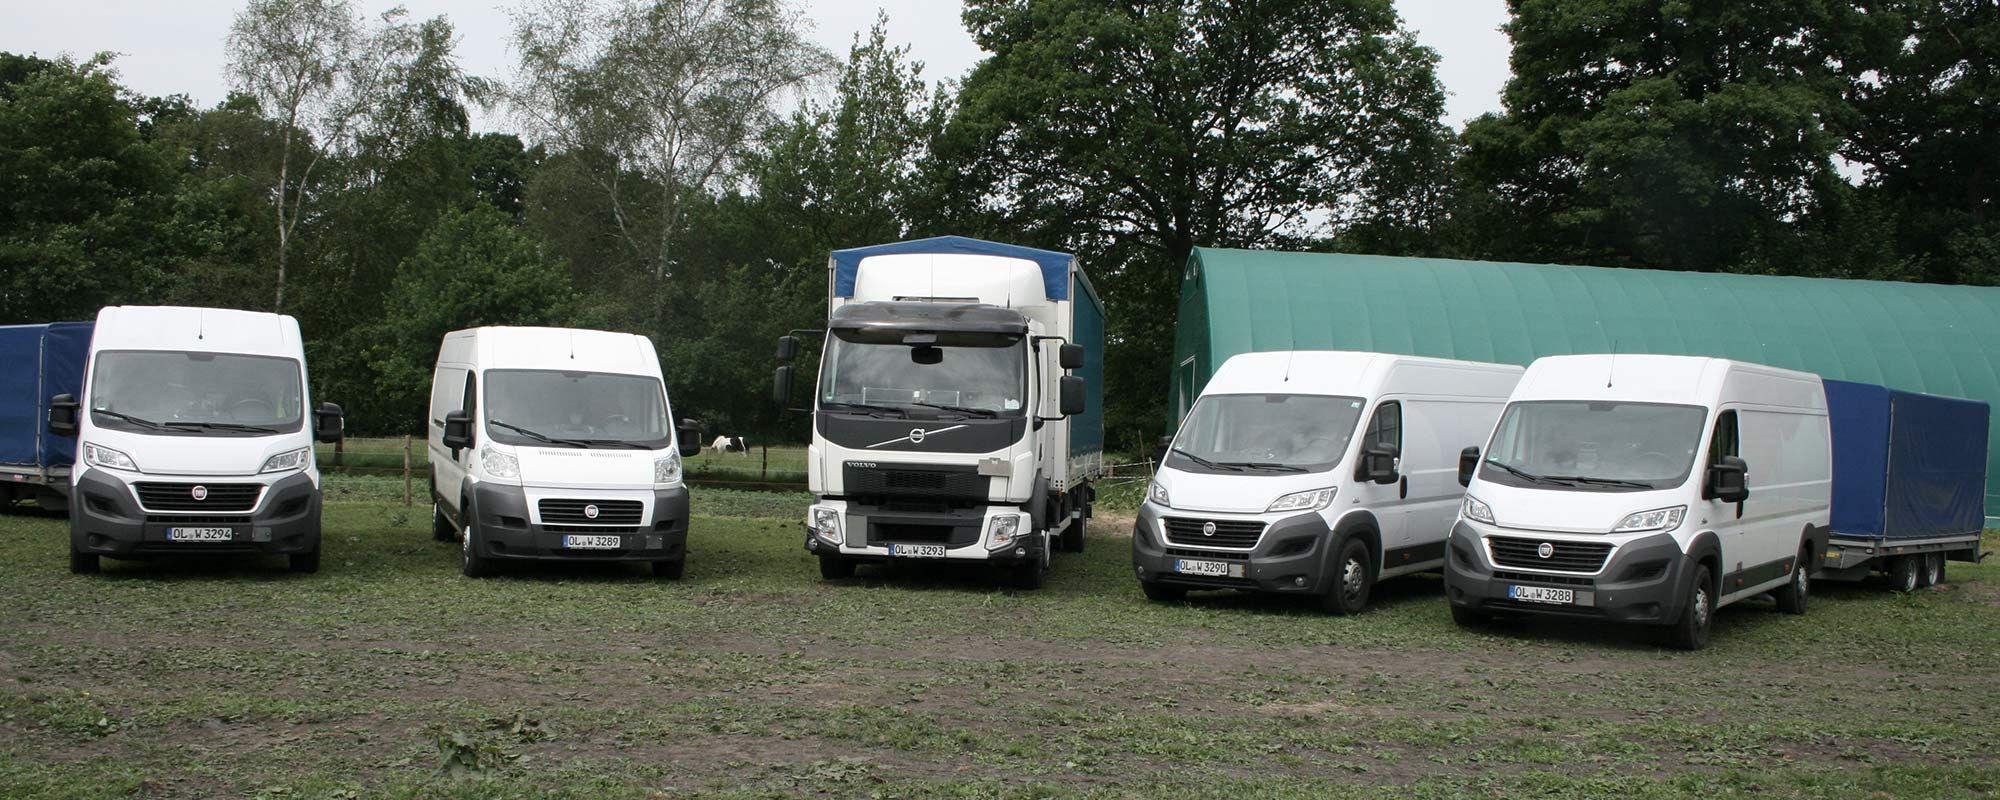 NR Logistik | Gefahrguttransporte